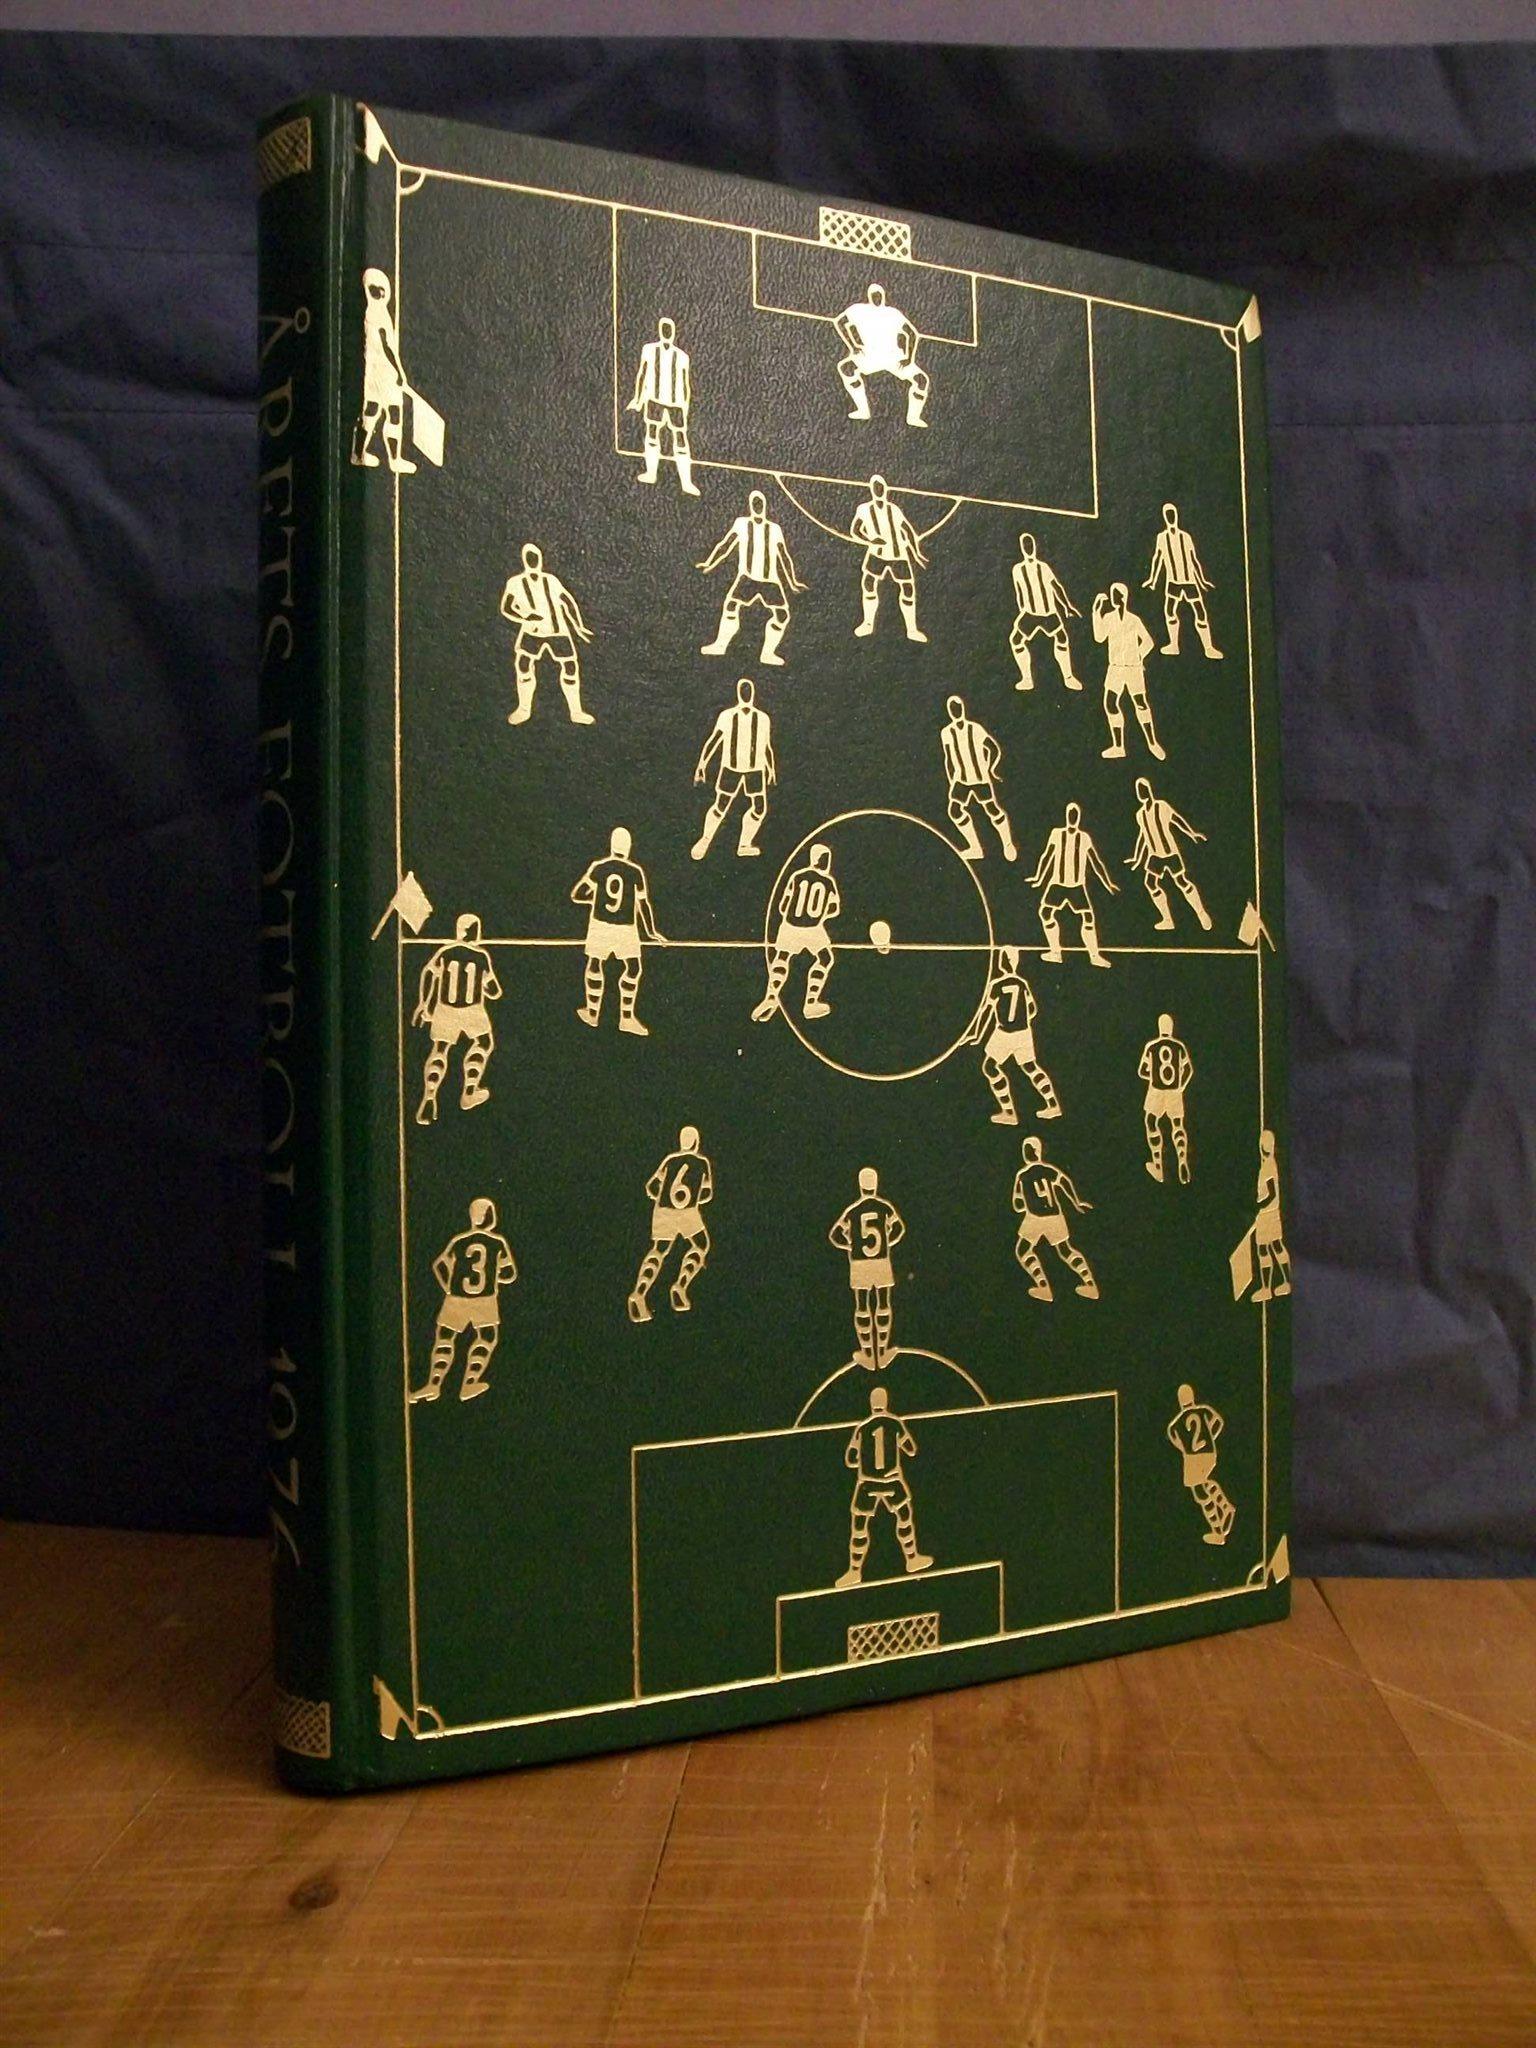 Årets Årets Årets Fotboll Strömbergs 1976 ff6dd8